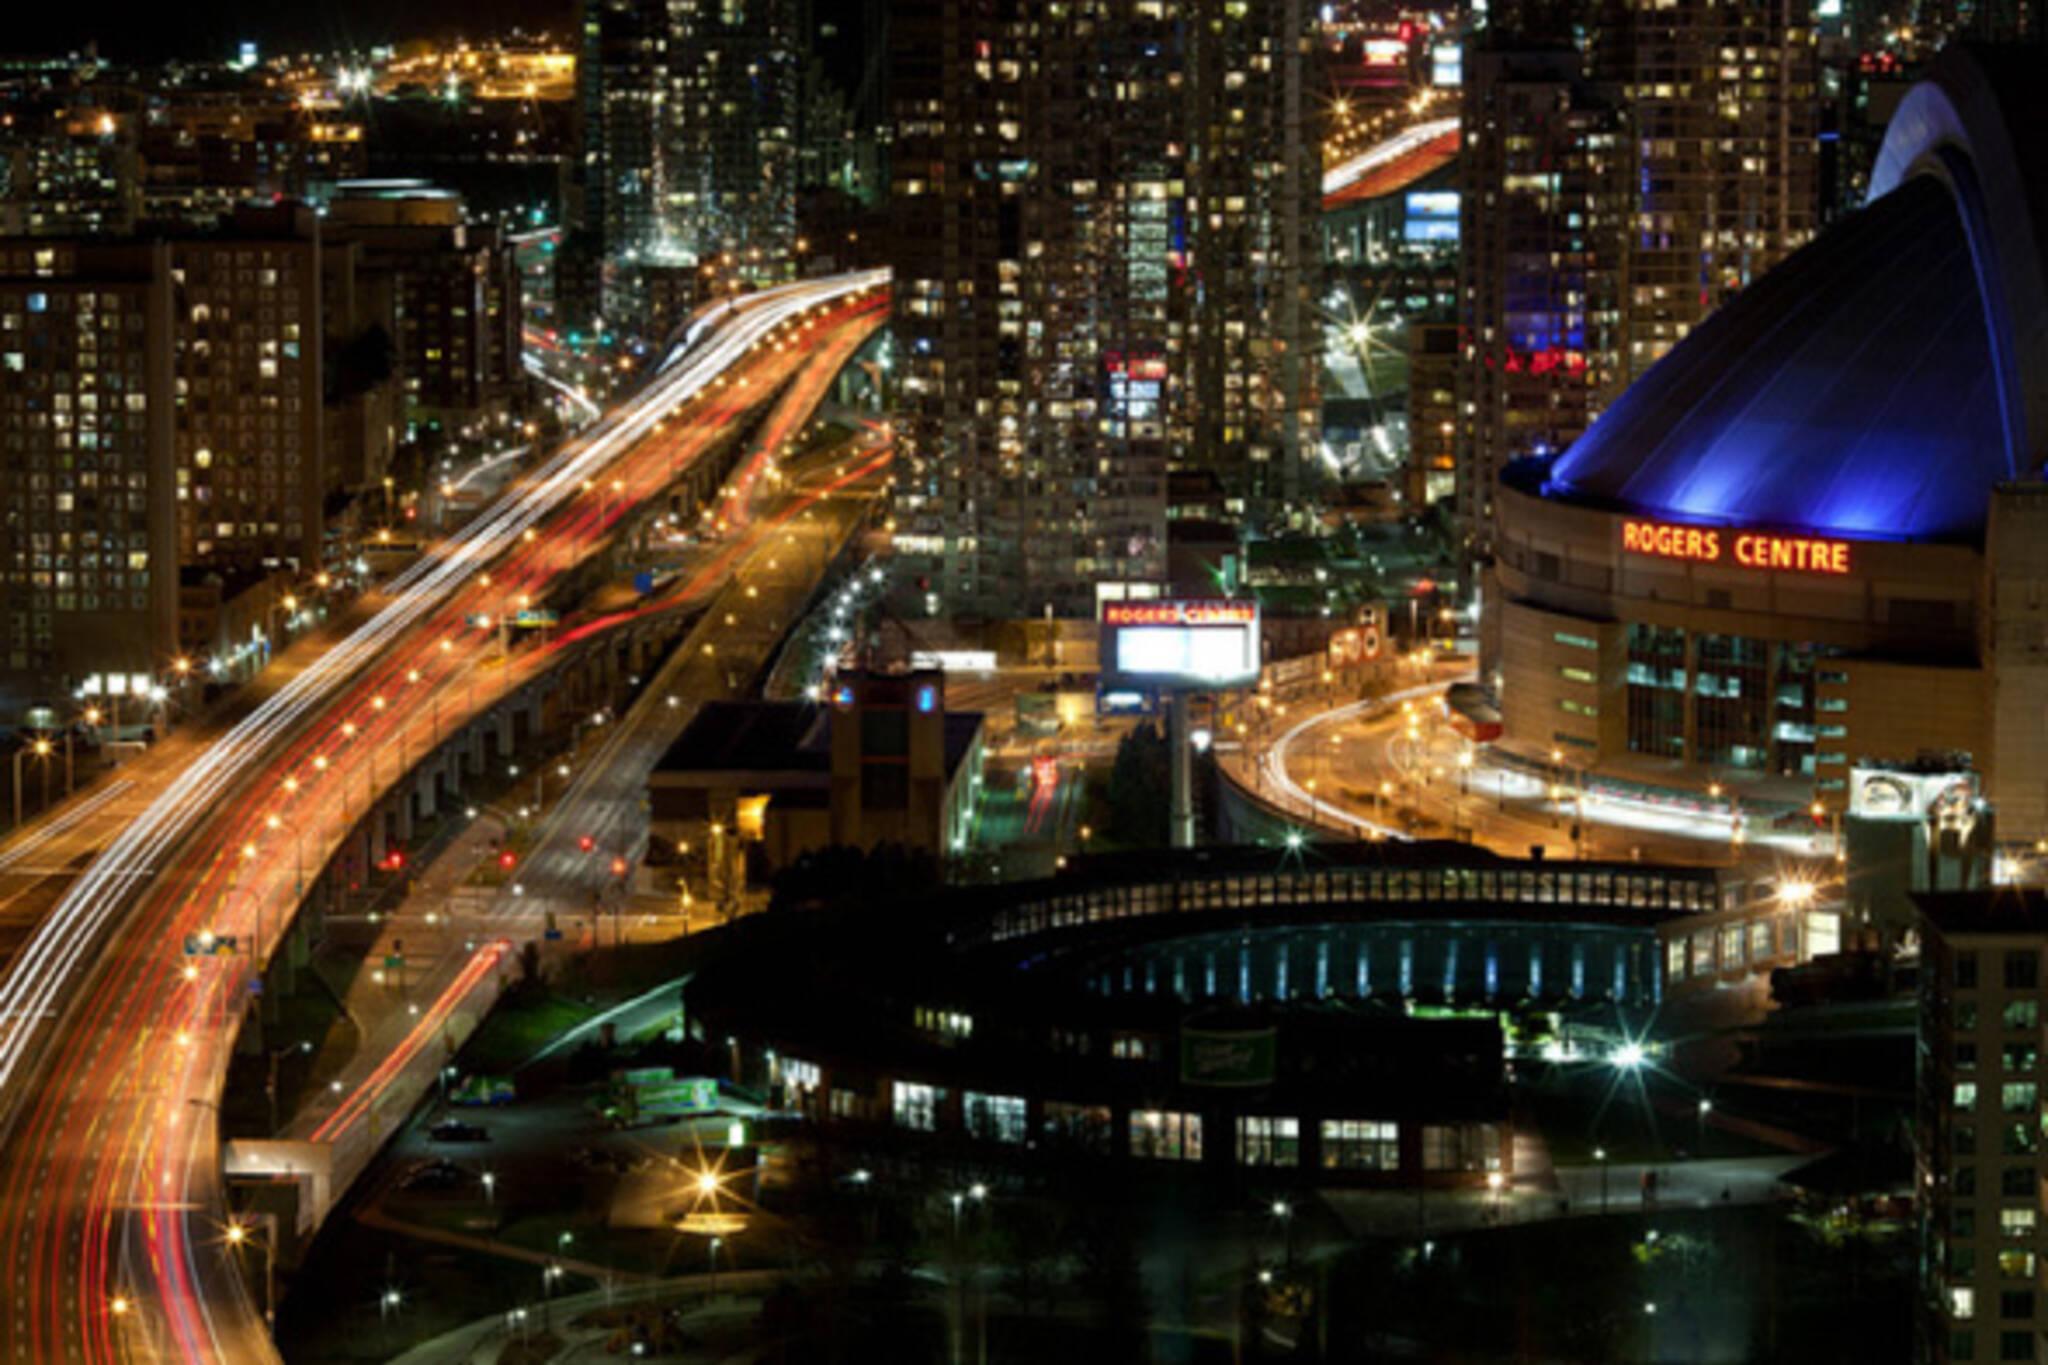 Toronto Events